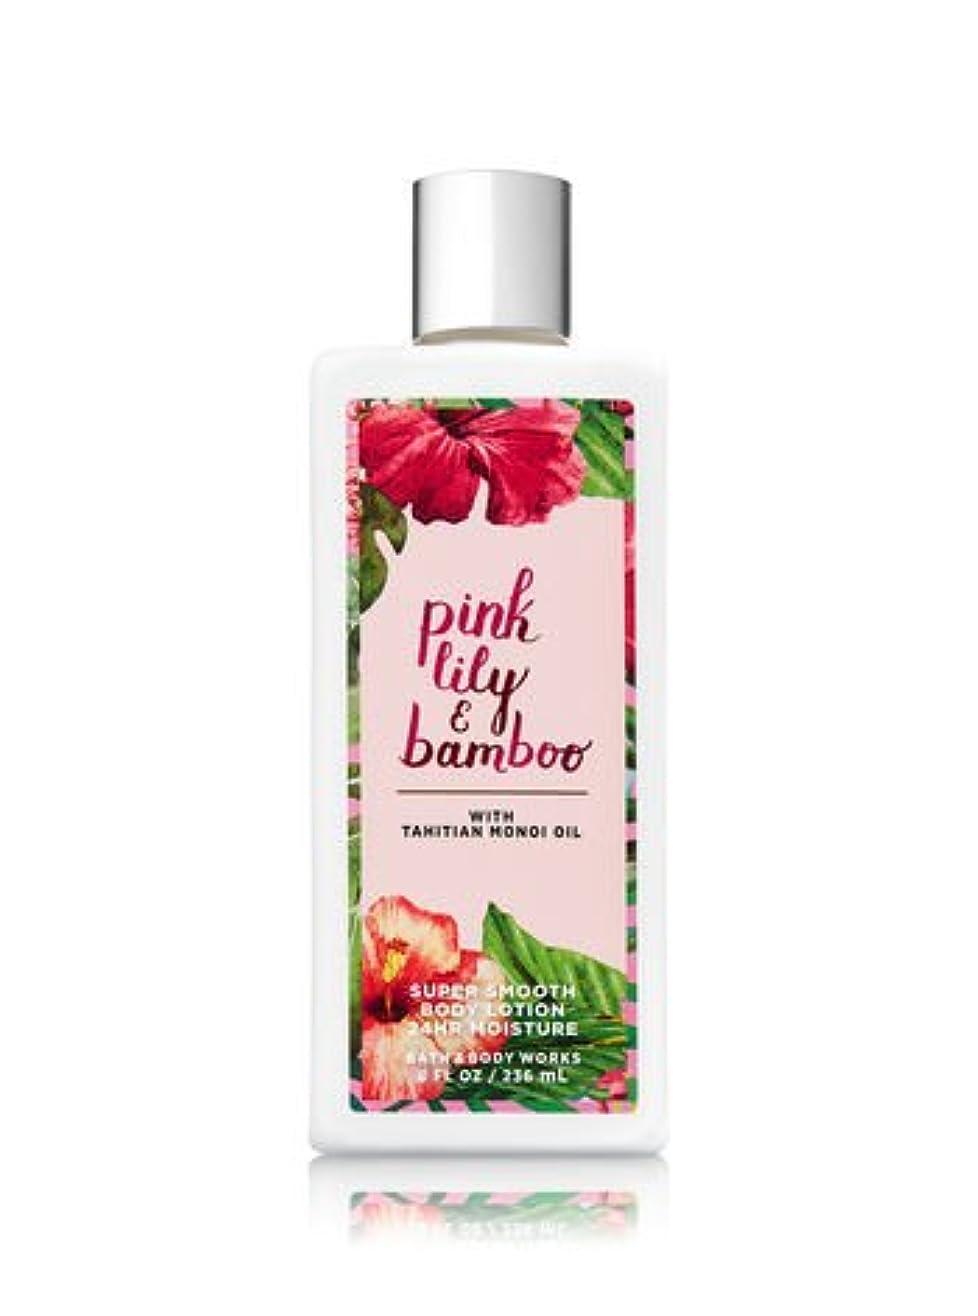 スペア繰り返し宇宙【Bath&Body Works/バス&ボディワークス】 ボディローション ピンクリリー&バンブー Super Smooth Body Lotion Pink Lily & Bamboo 8 fl oz/236 mL [並行輸入品]